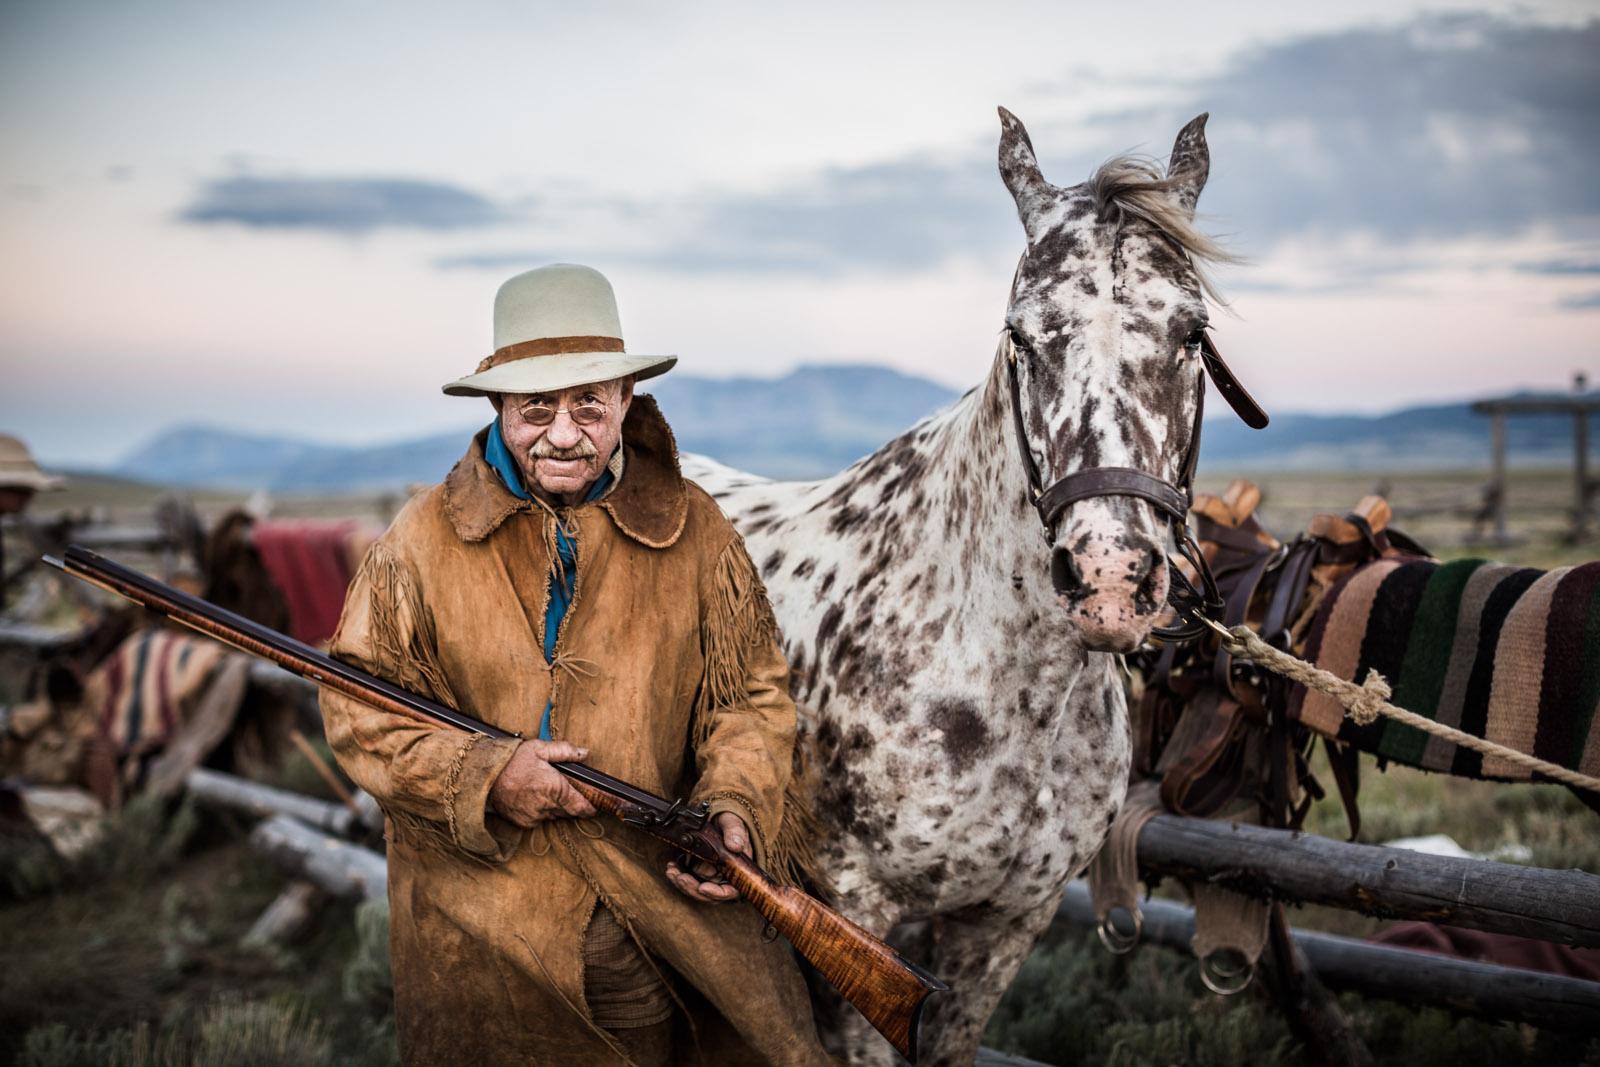 Dick Pieper - Cowboy portrait photographer